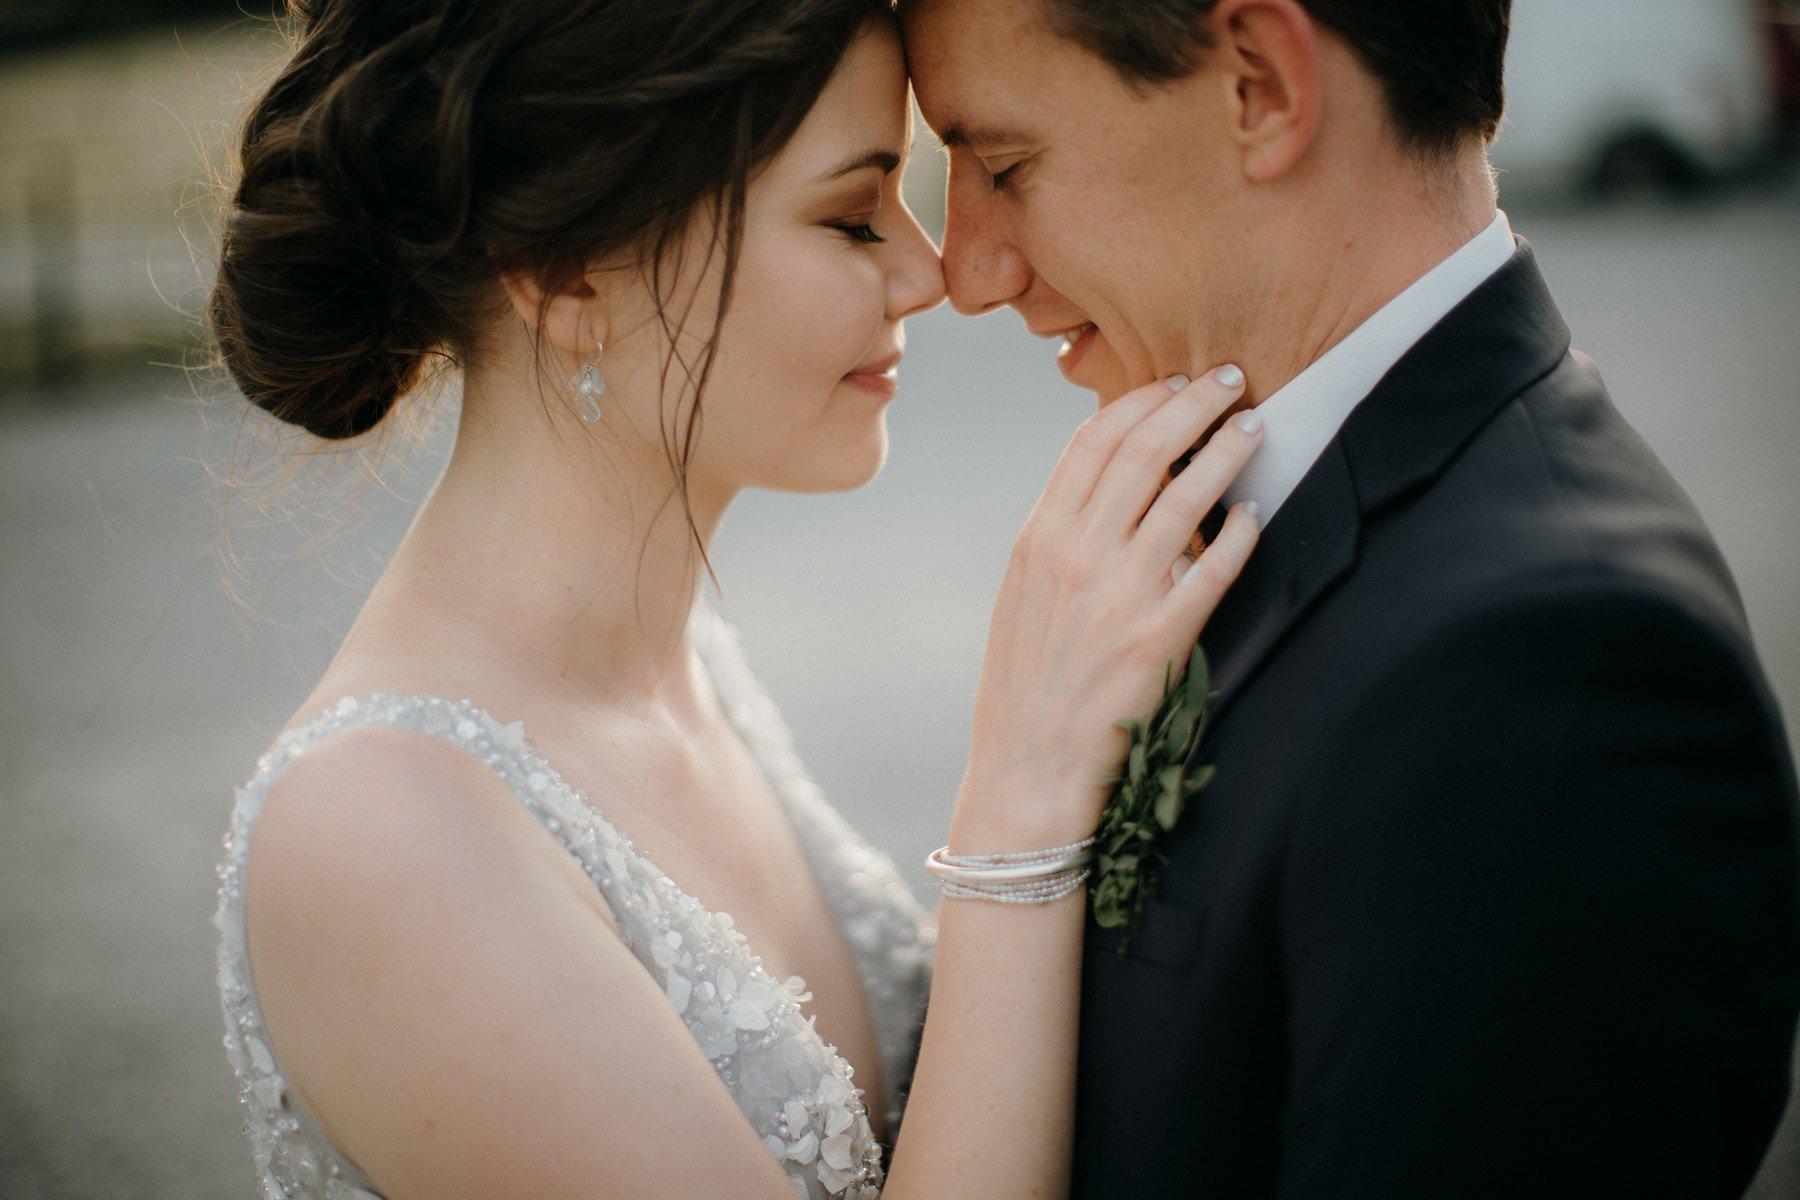 Alternative Wedding Ireland - Whimsical Mount Druid photography